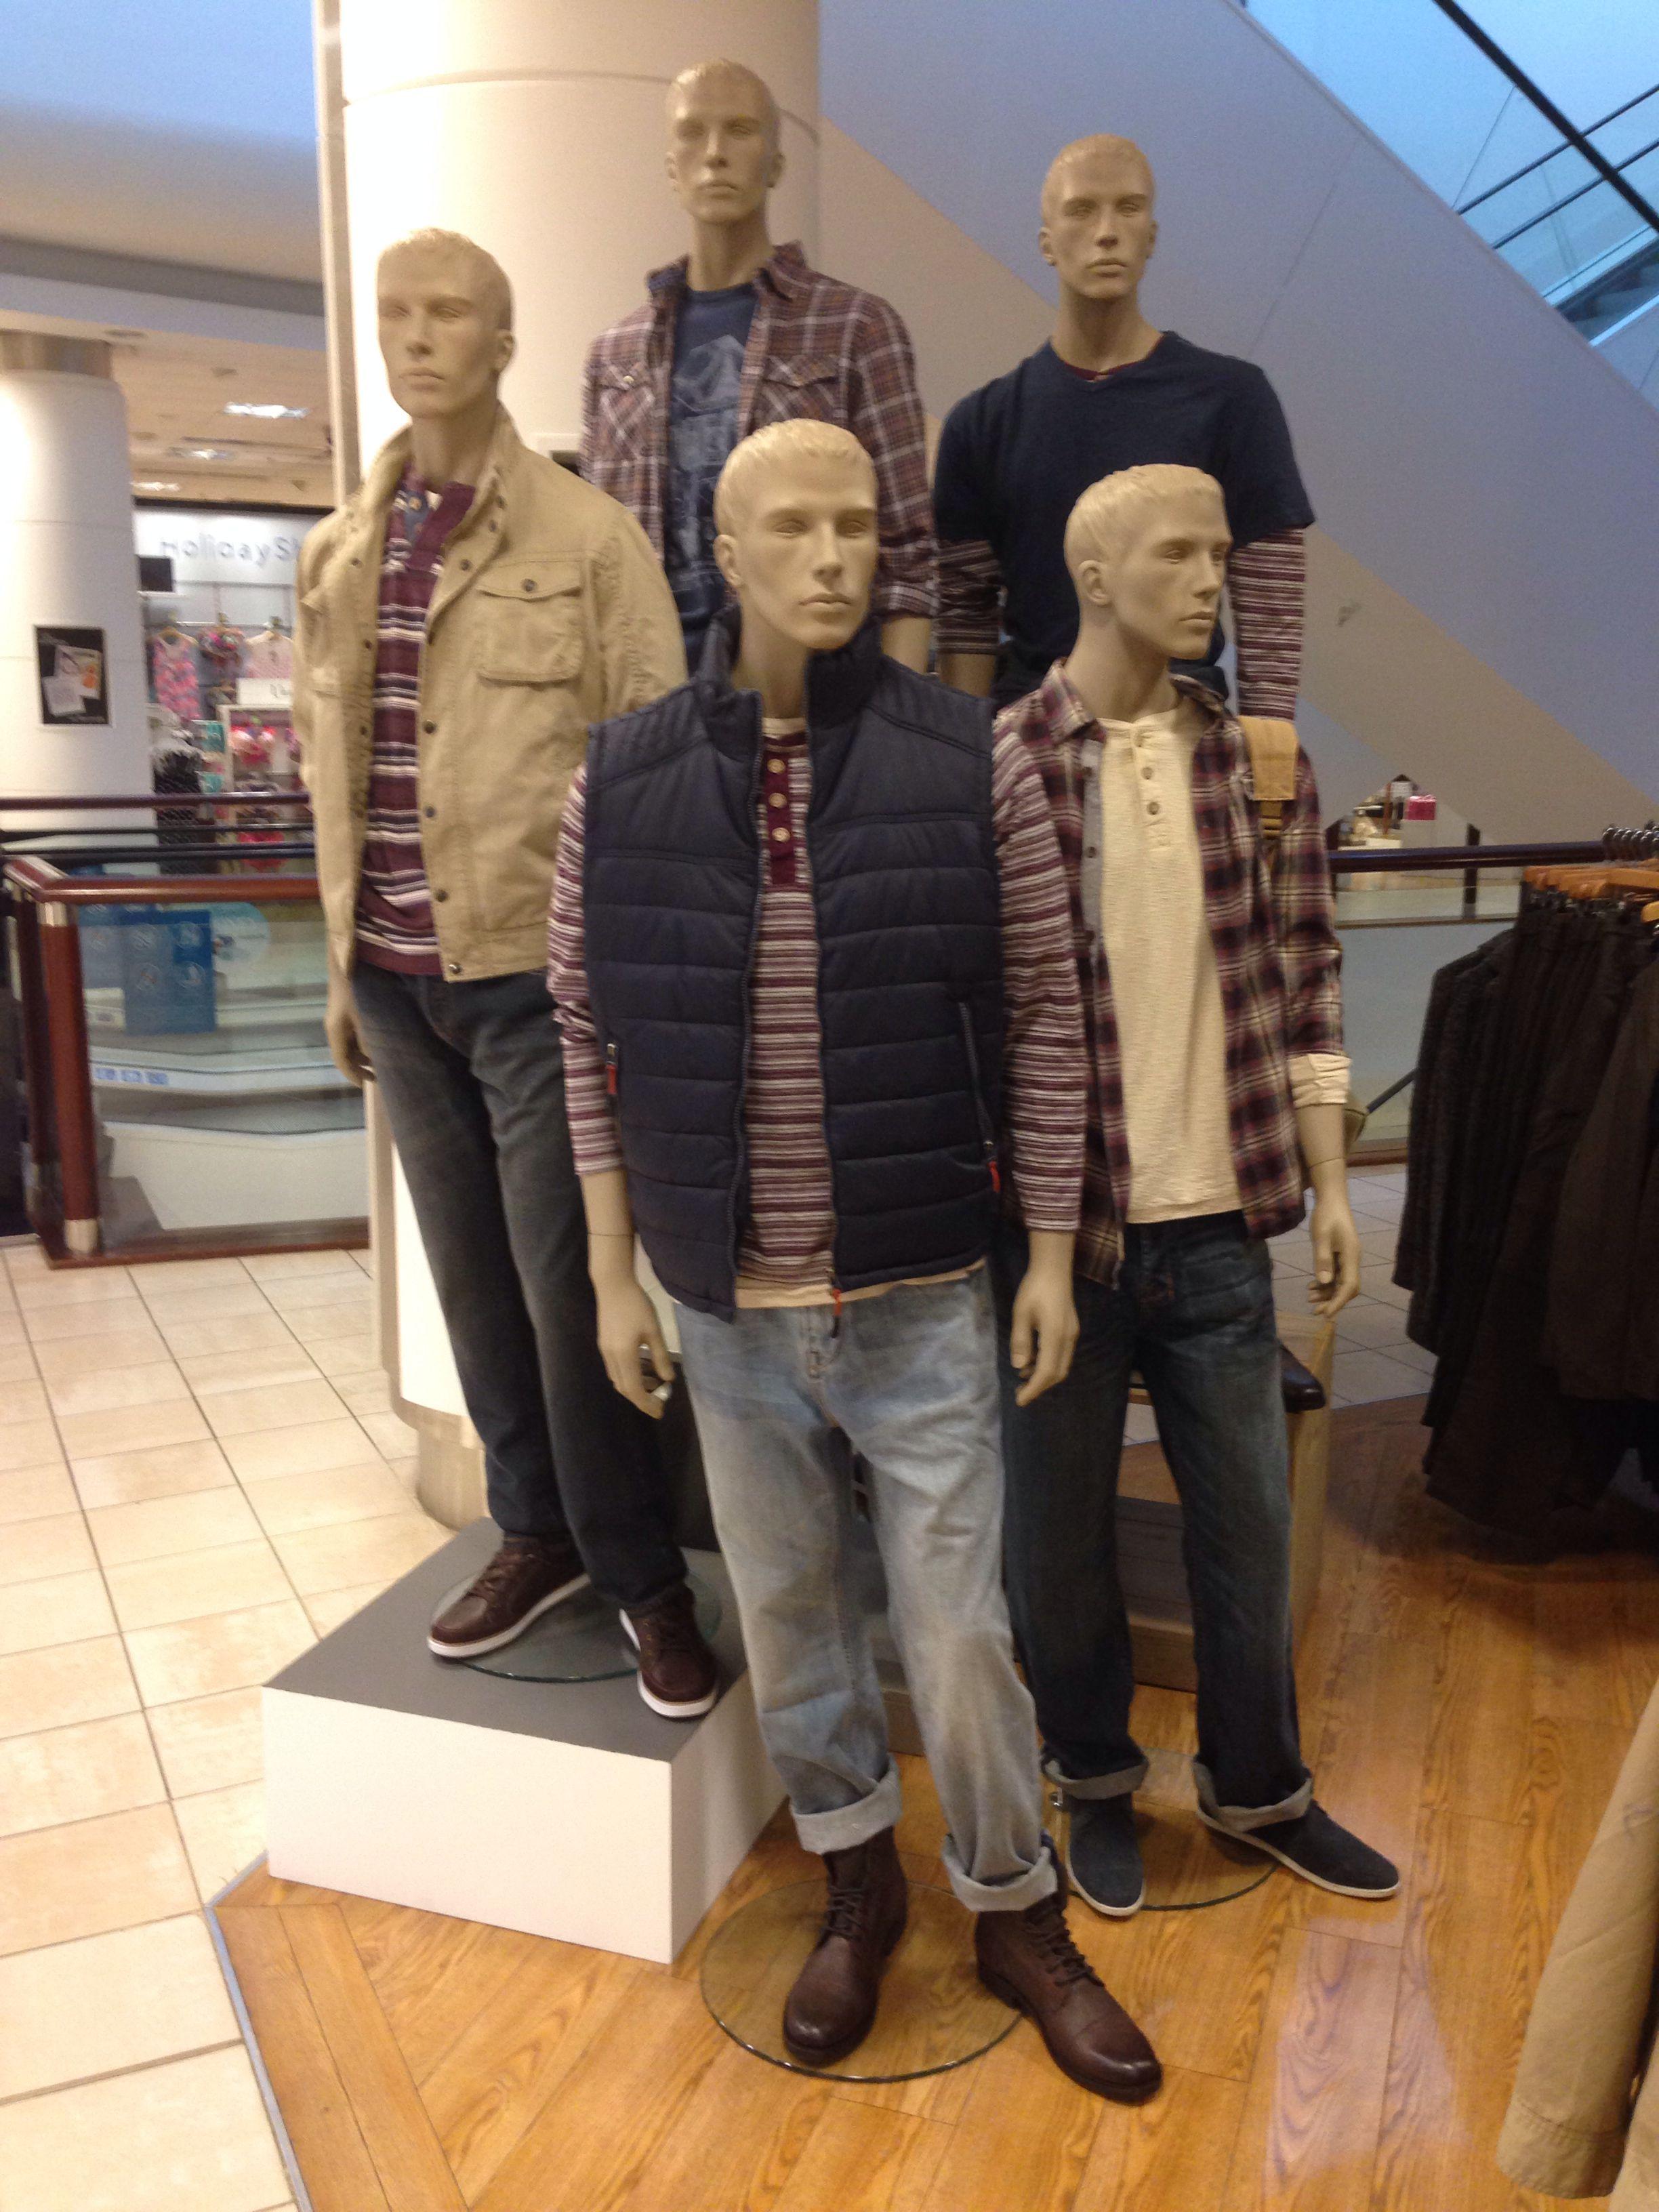 90b179e873b4 Men's fashion visual merchandising | Maniquíes | Maniquies, Moda y ...